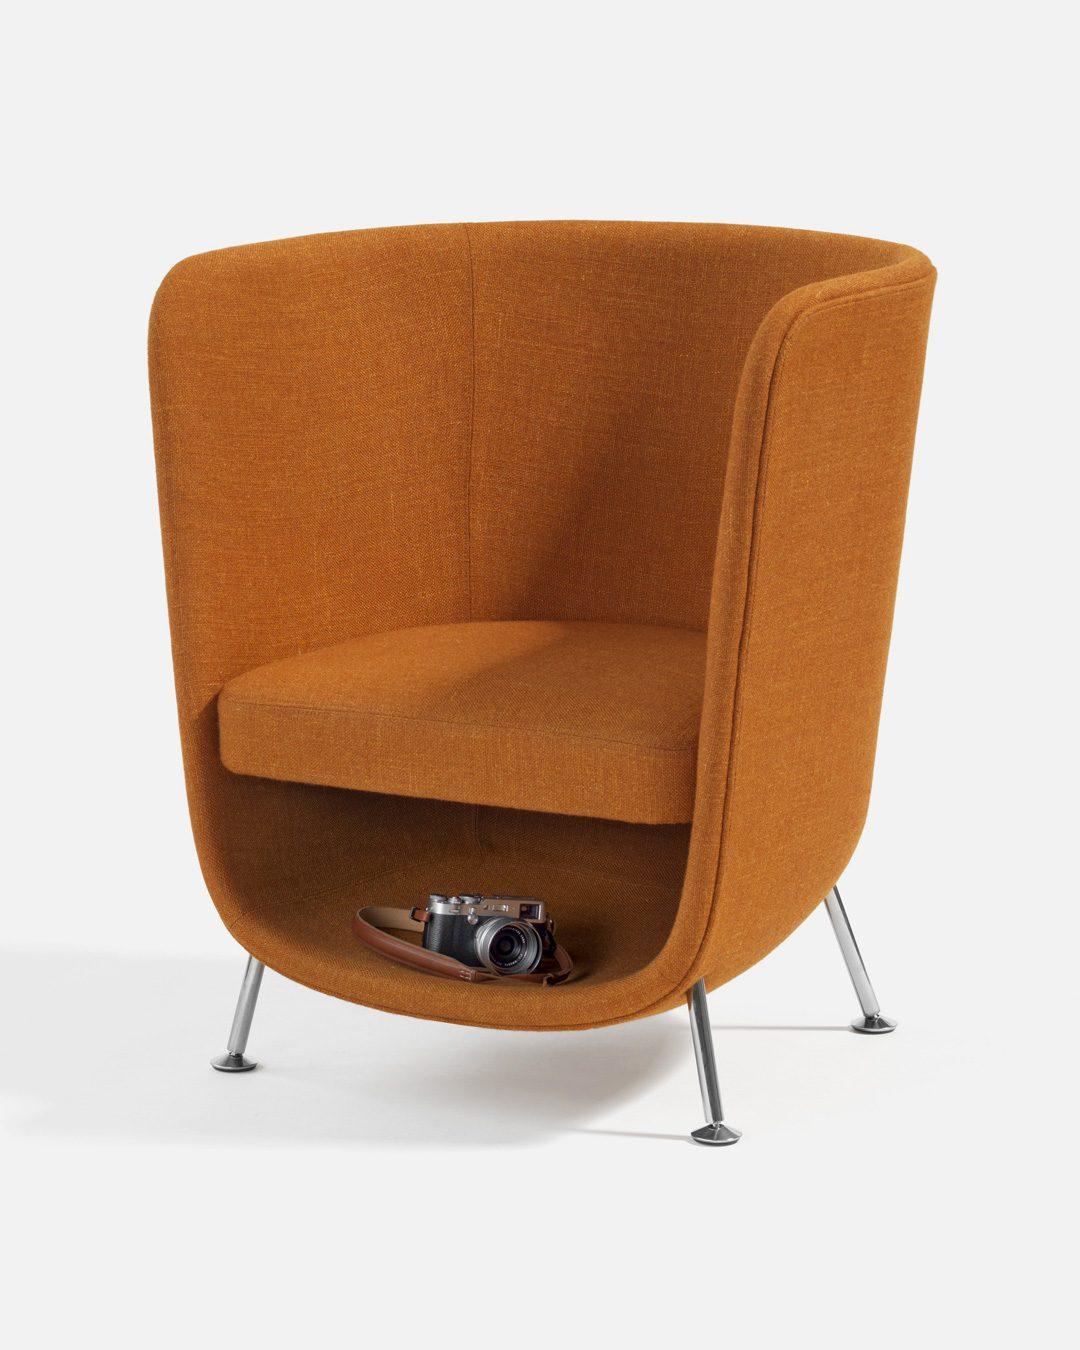 Sillon de diseño Pocket Chair con espacio debajo del asiento para que el gato y humano puedan hacer cocooning juntos